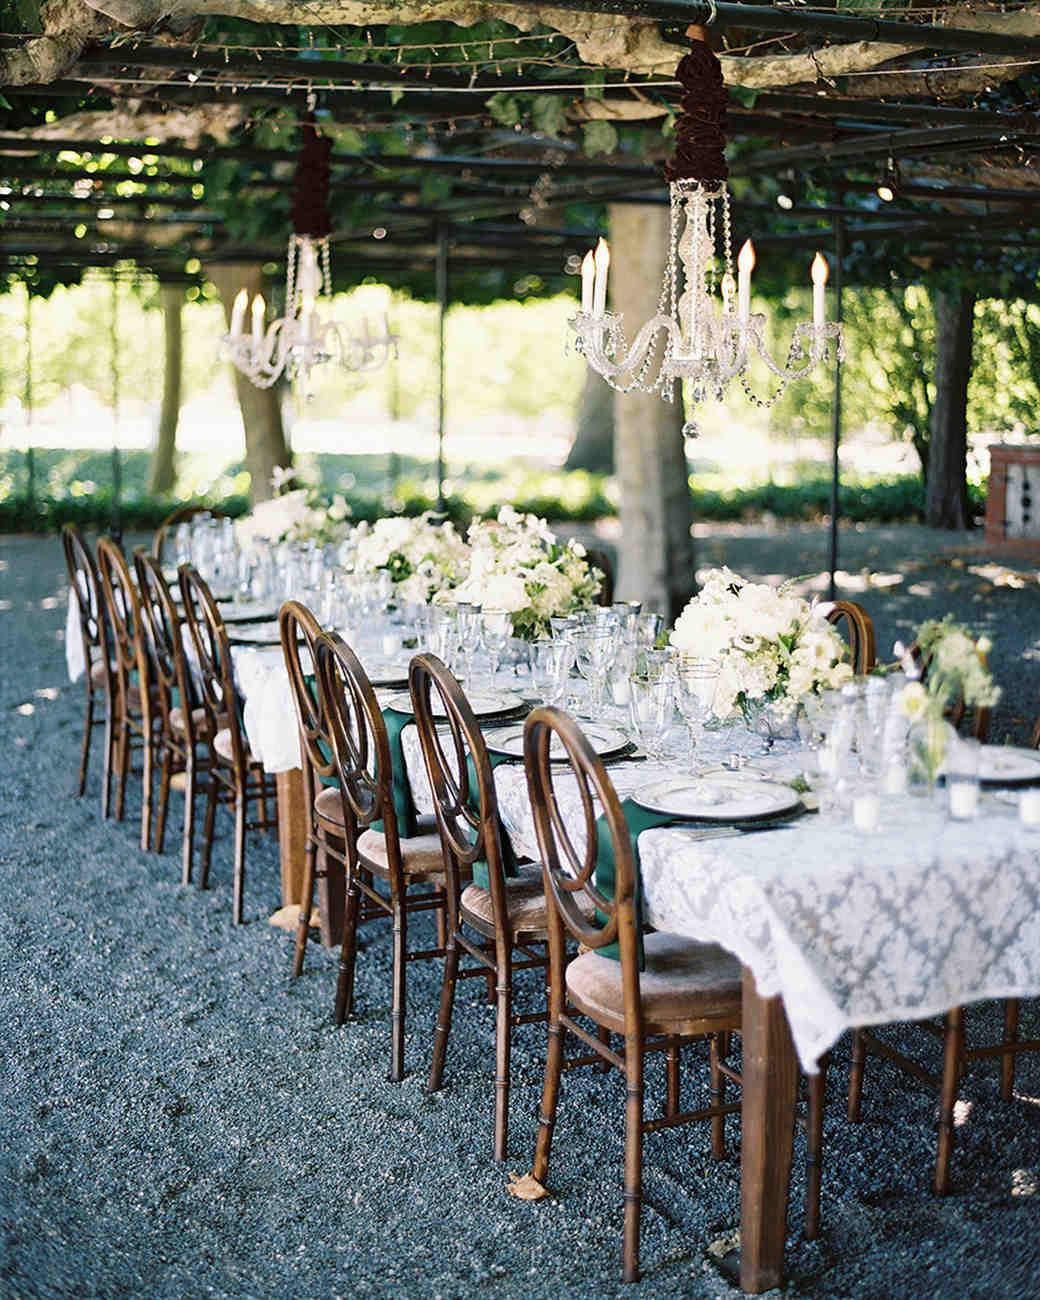 A Table Setup for a Backyard Wedding